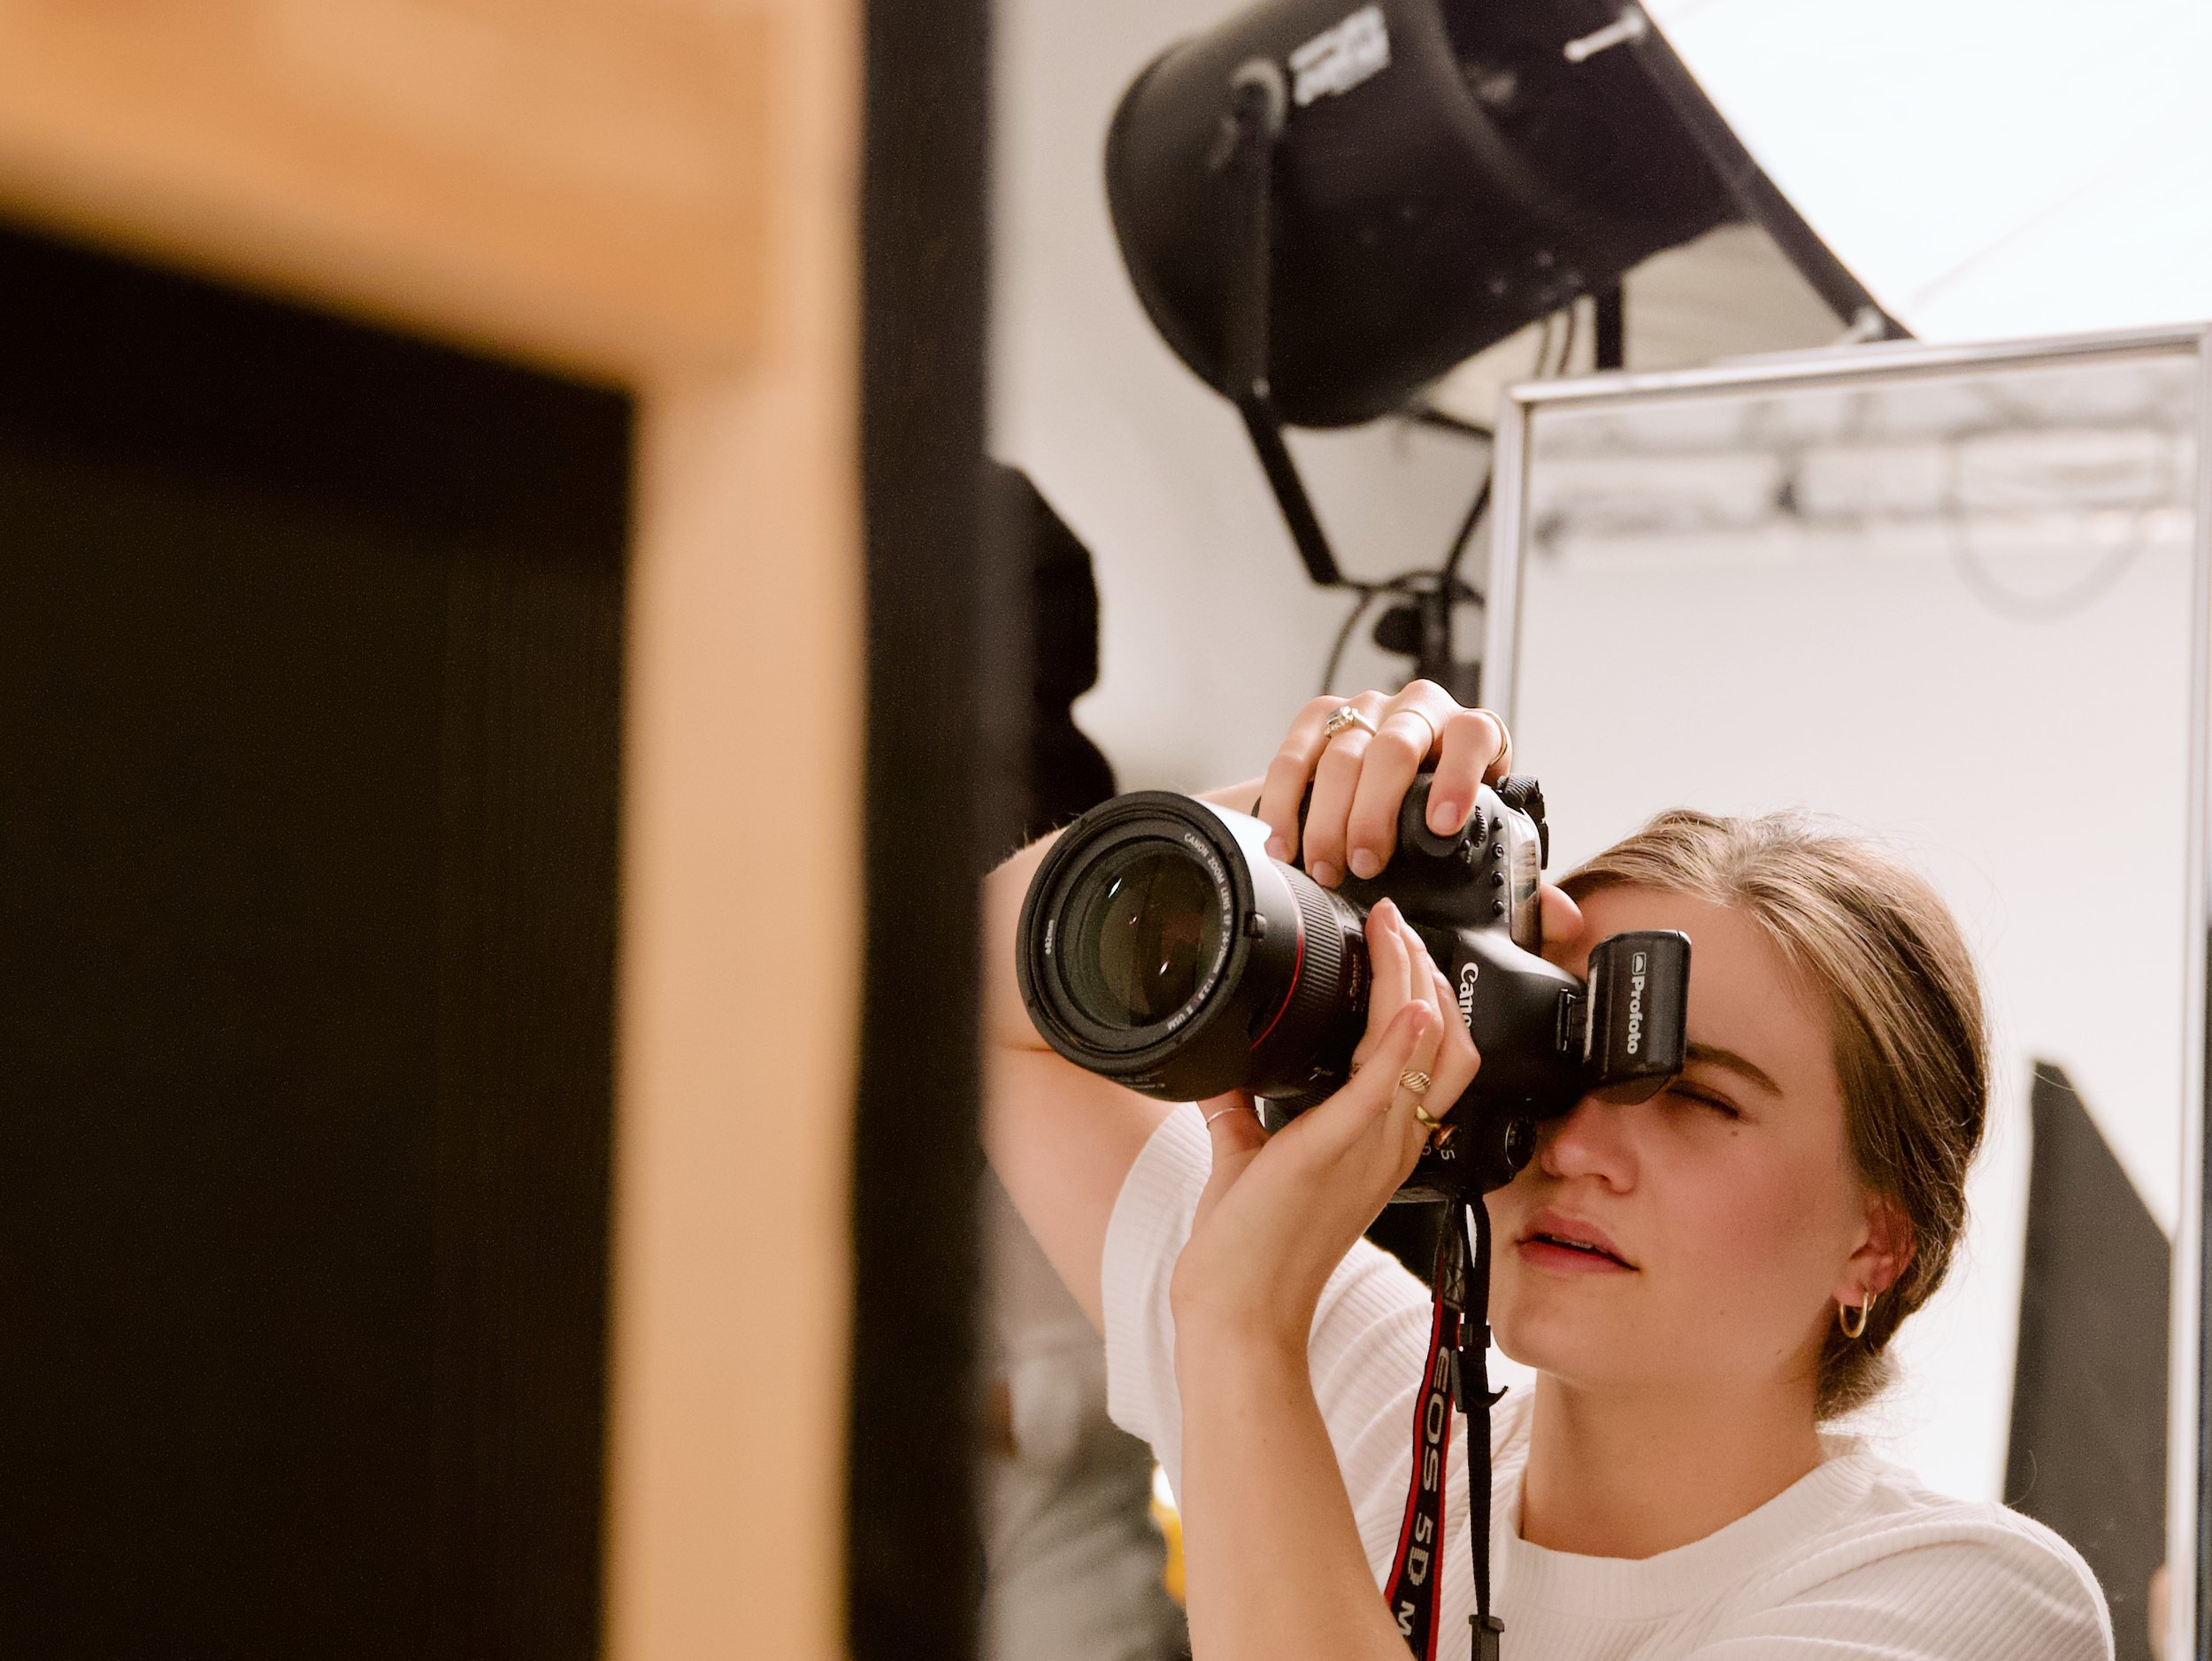 Photography - Stunning photos for your presence. ——————————-Unsere Arbeiten sind facettenreich & artsy. Storytelling, Tiefe, professionelle Technik & high-end Retouch, erlauben es uns viele Bereiche der Fotografie abzubilden. Künstlerisch, konzeptionell, corporate.